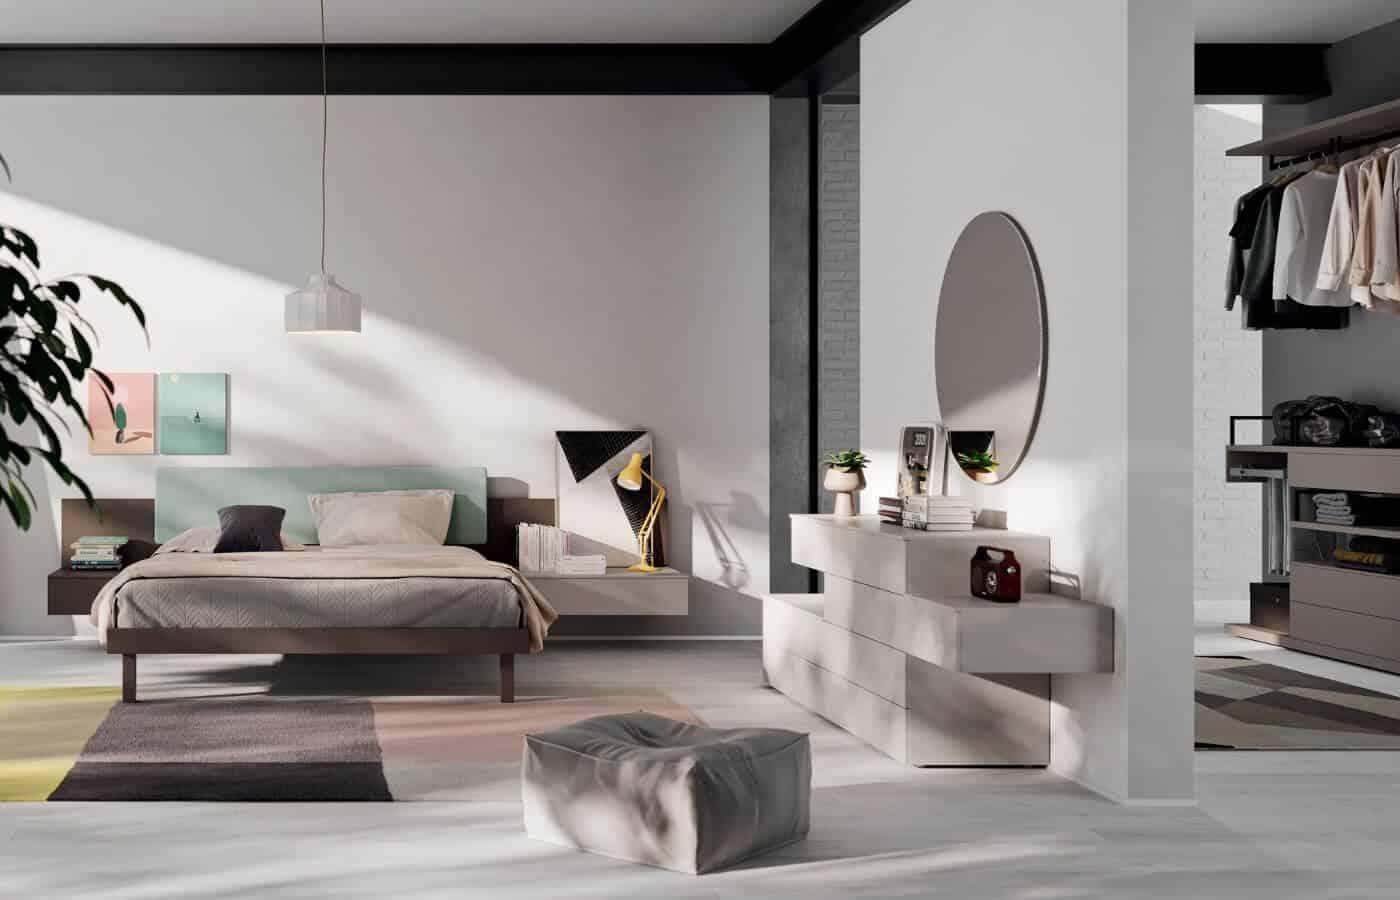 zona-notte-gruppo-letto-collezione-elledoro-il-mobile (3)